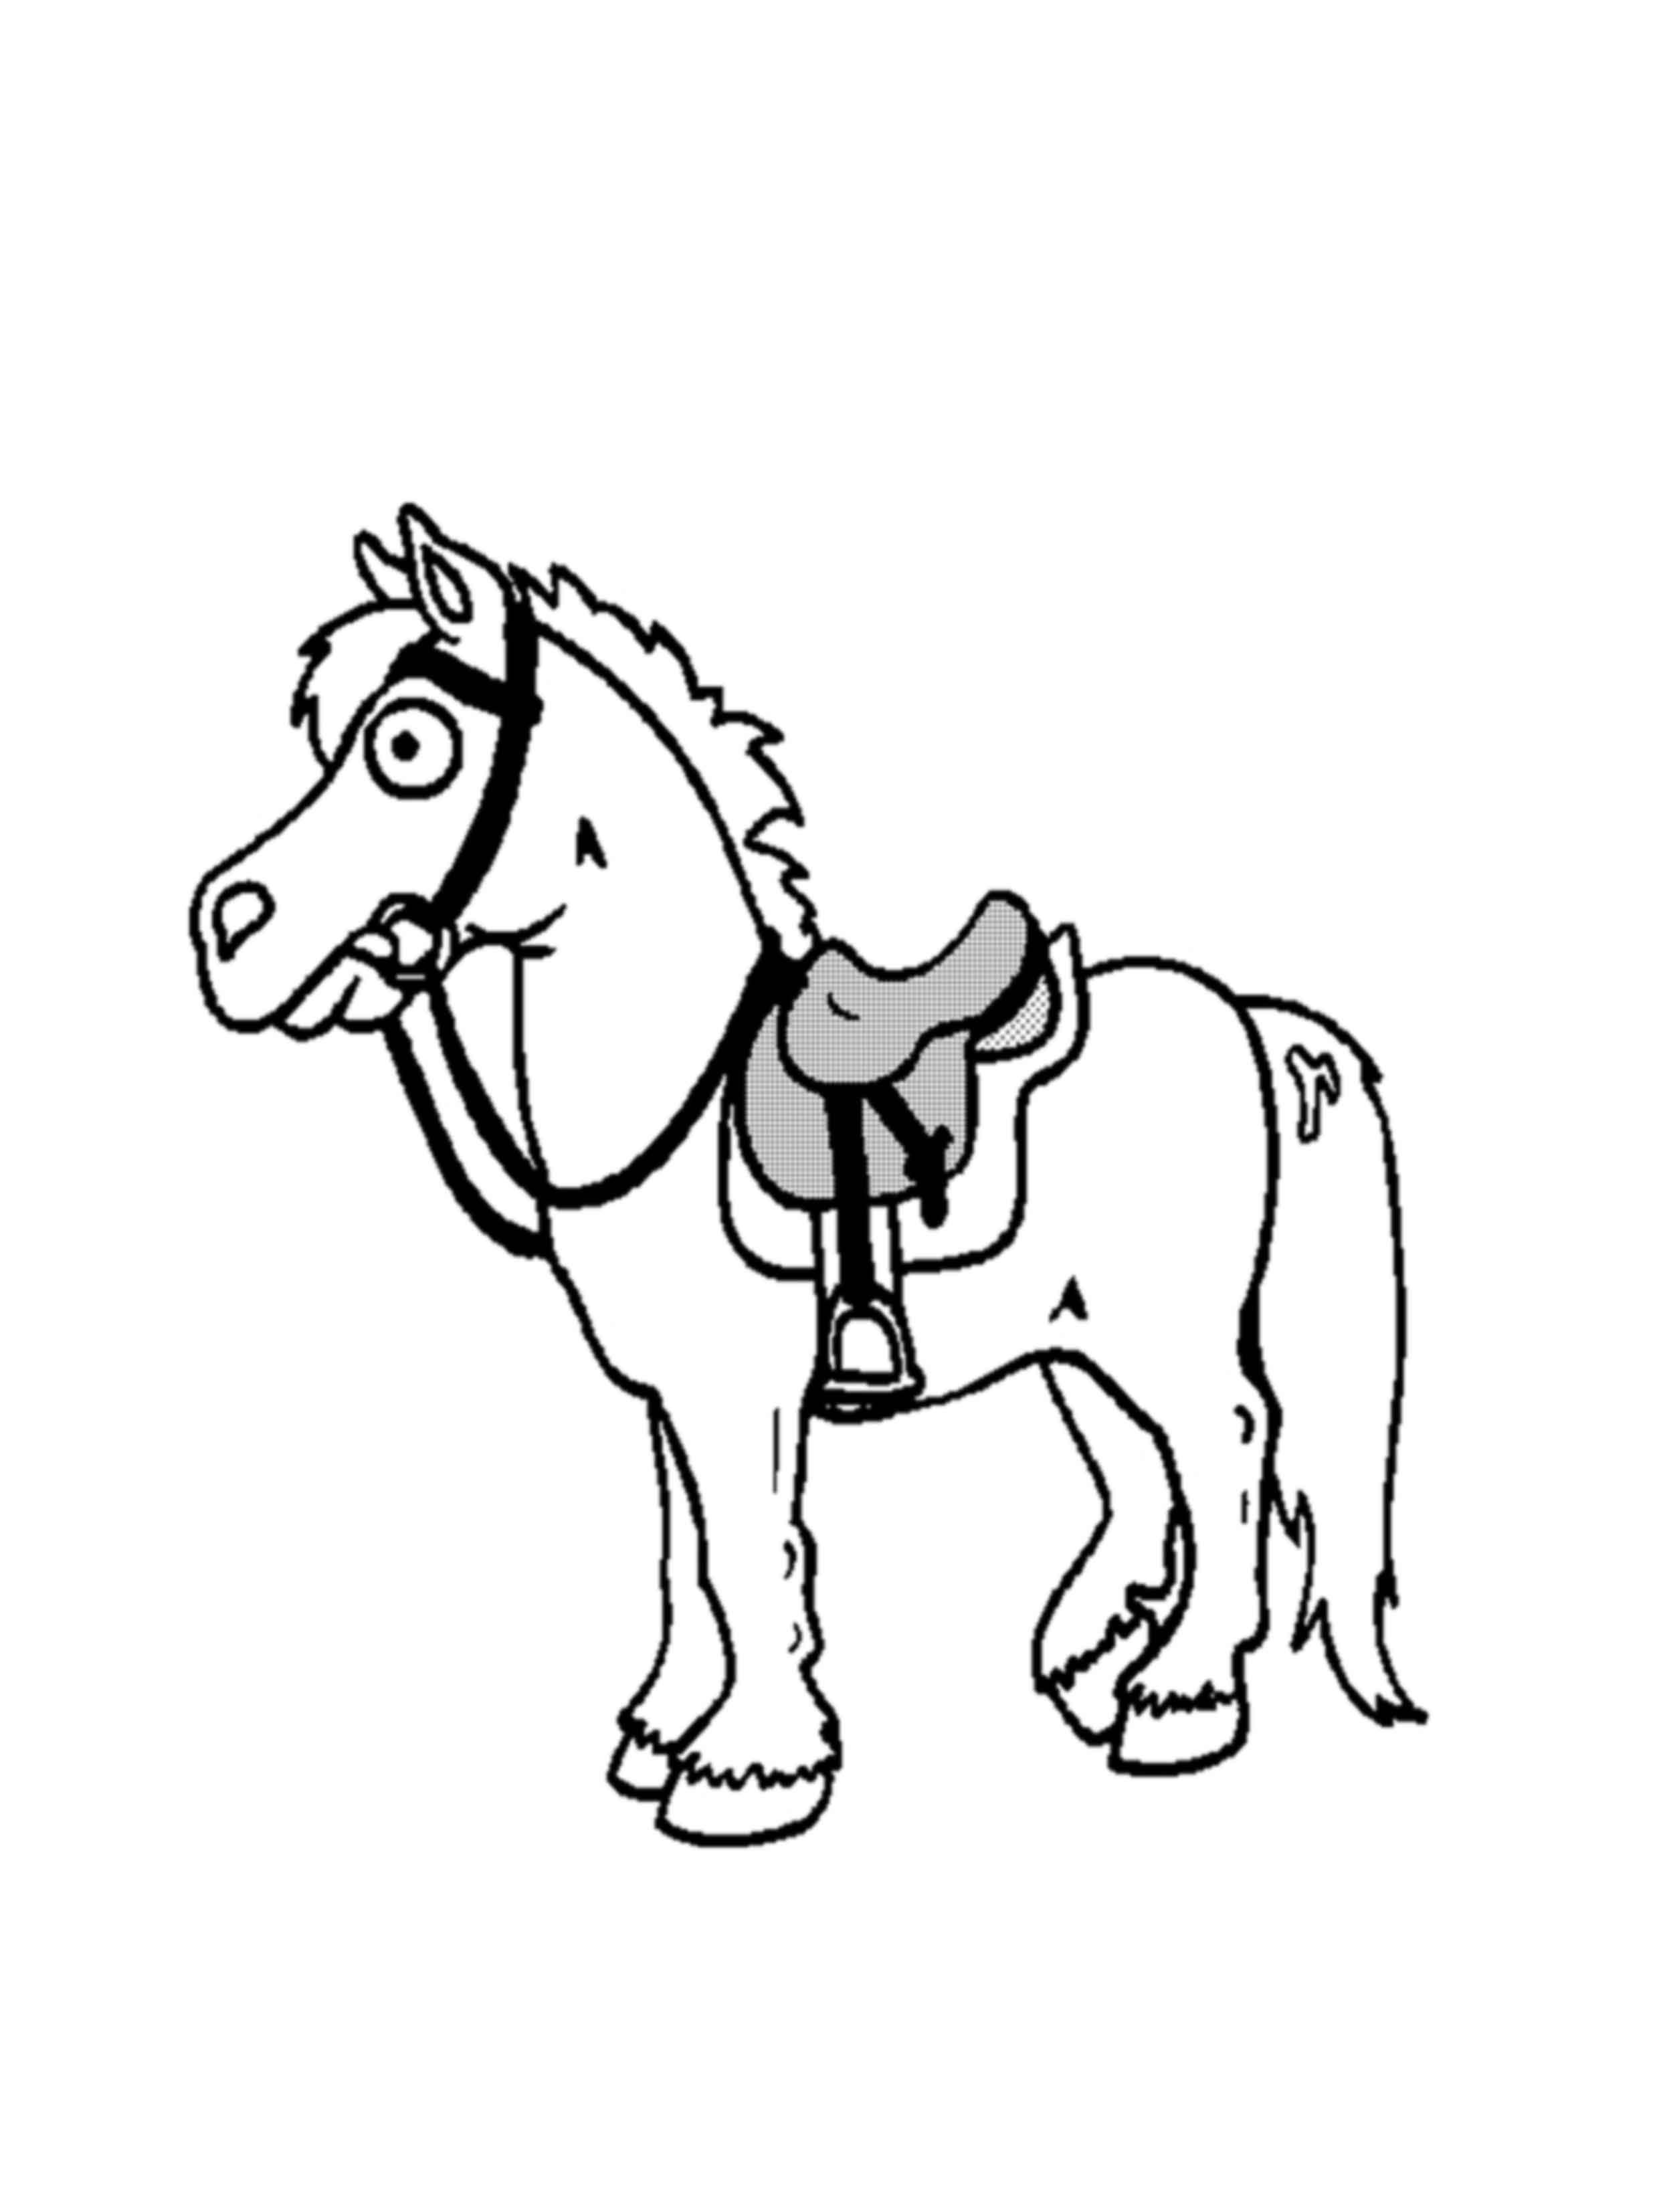 דף צביעה של סוס